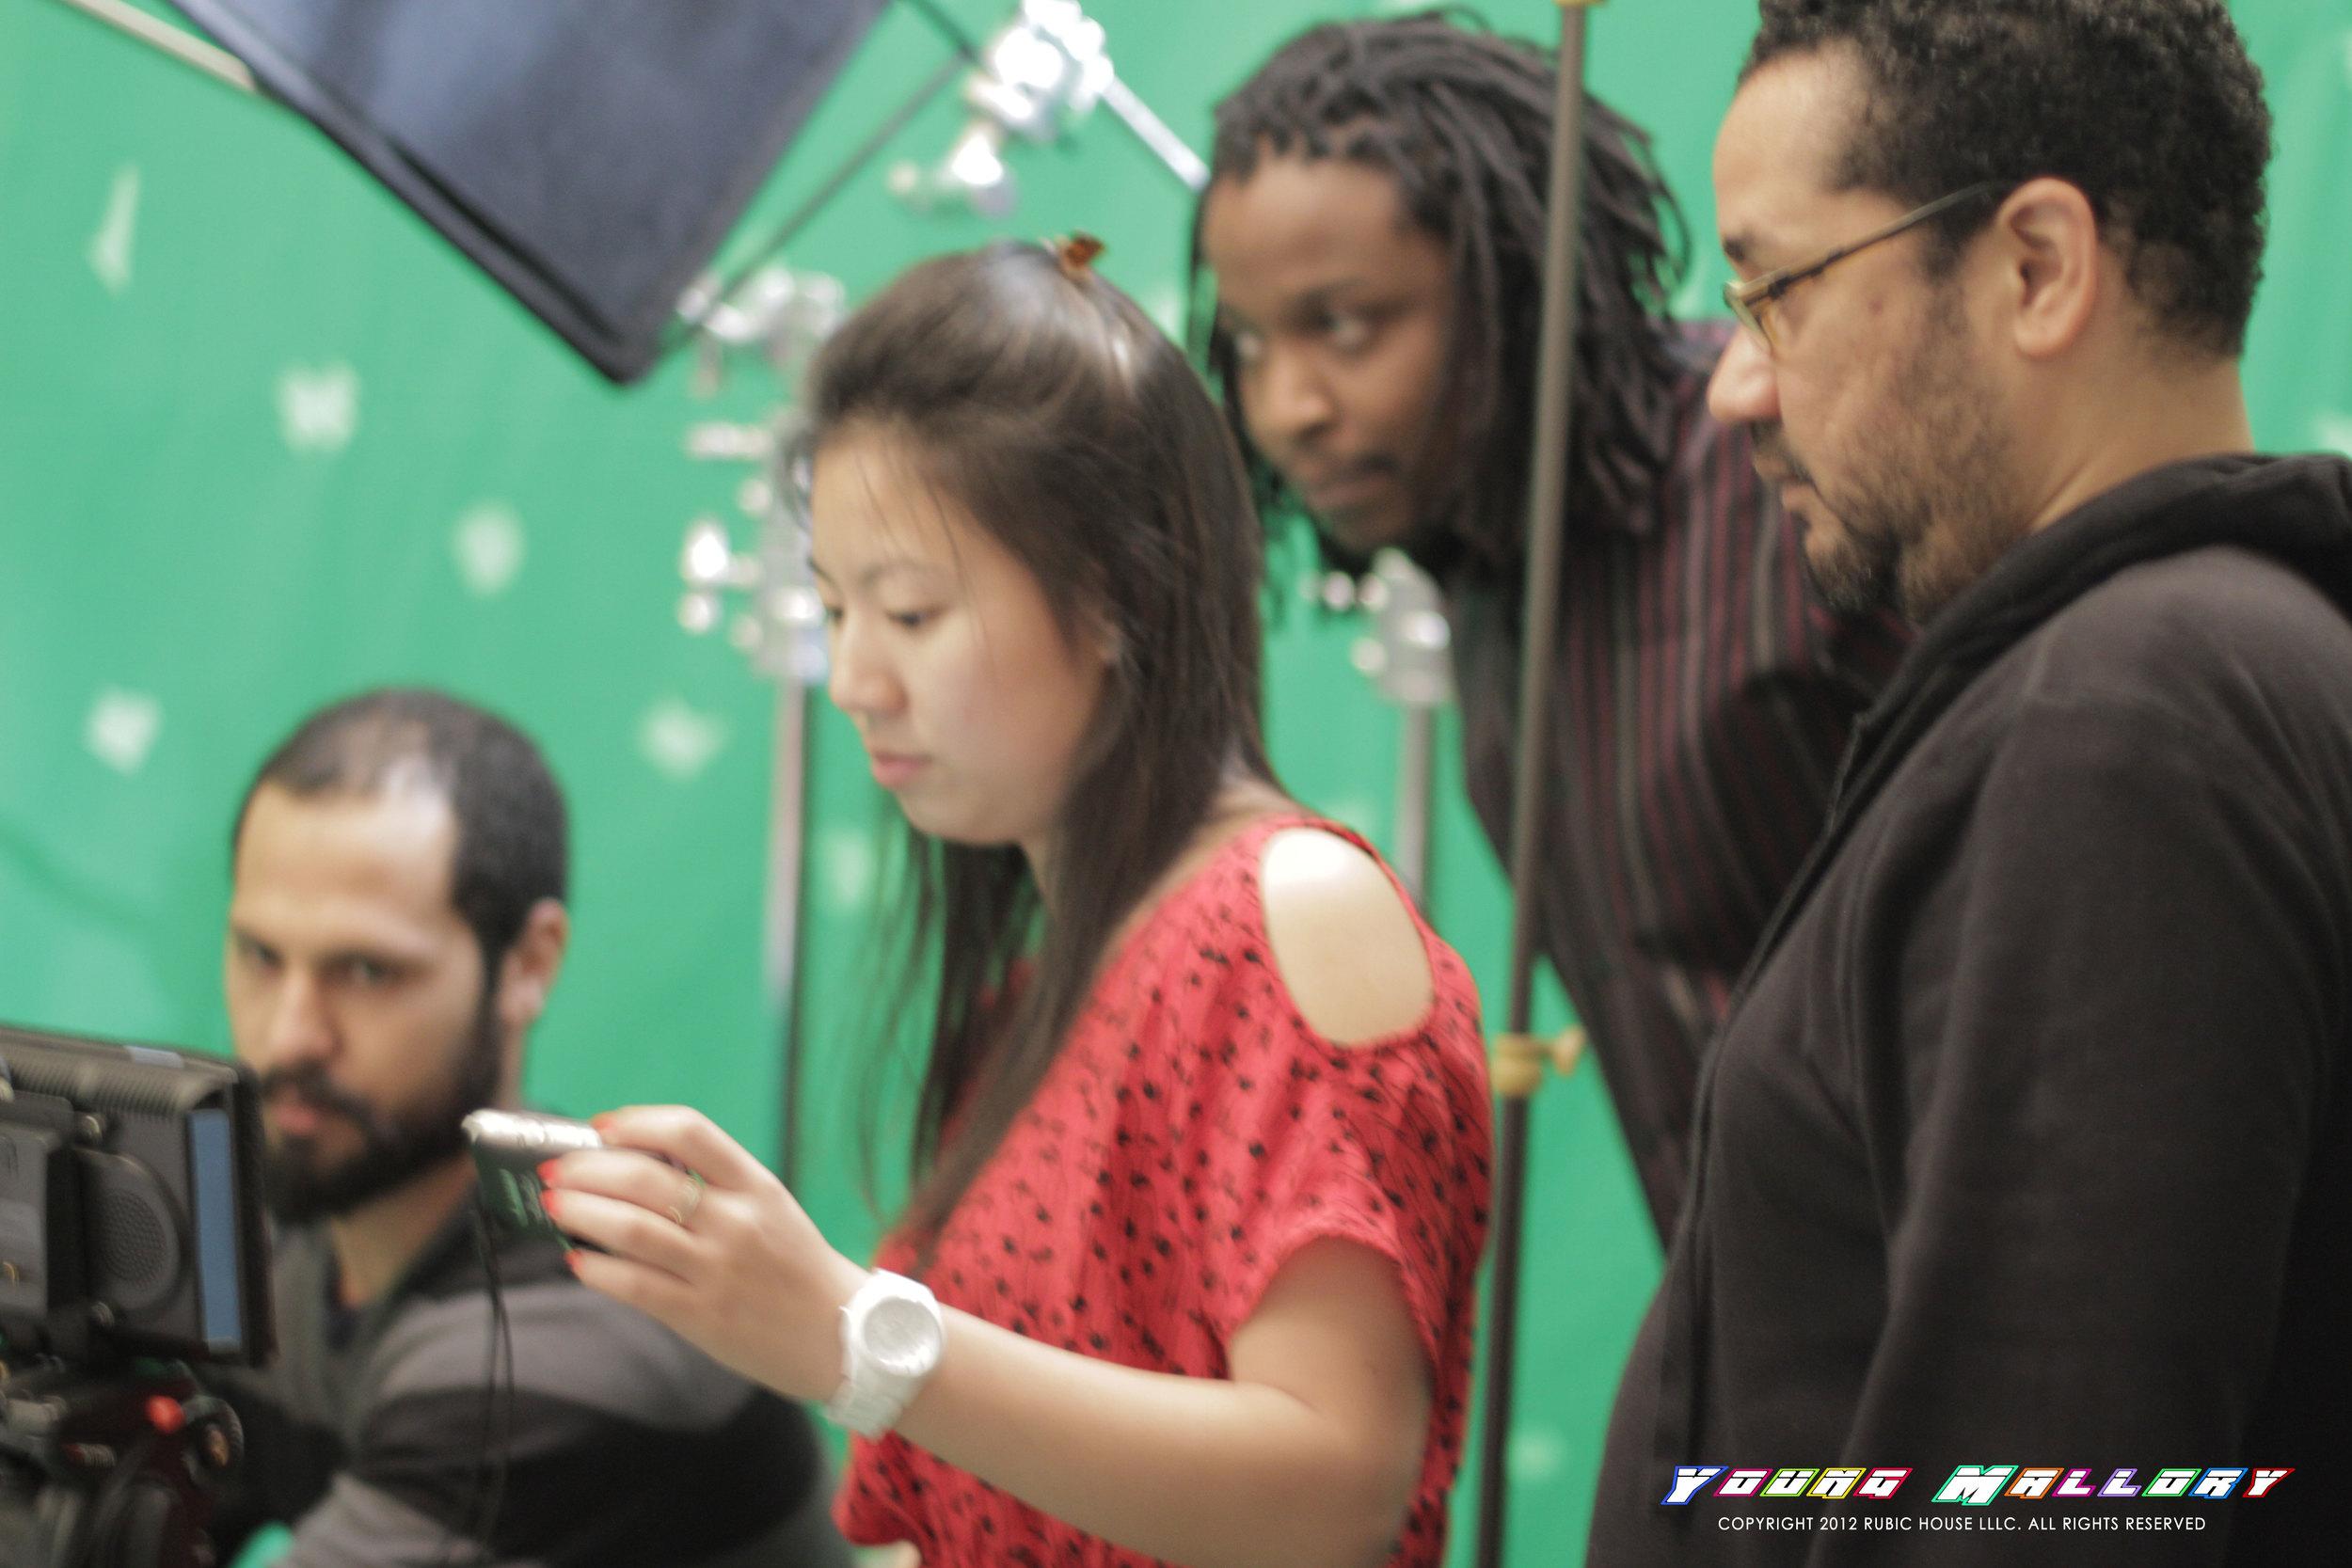 behind-the-scenes-photo-2.jpg